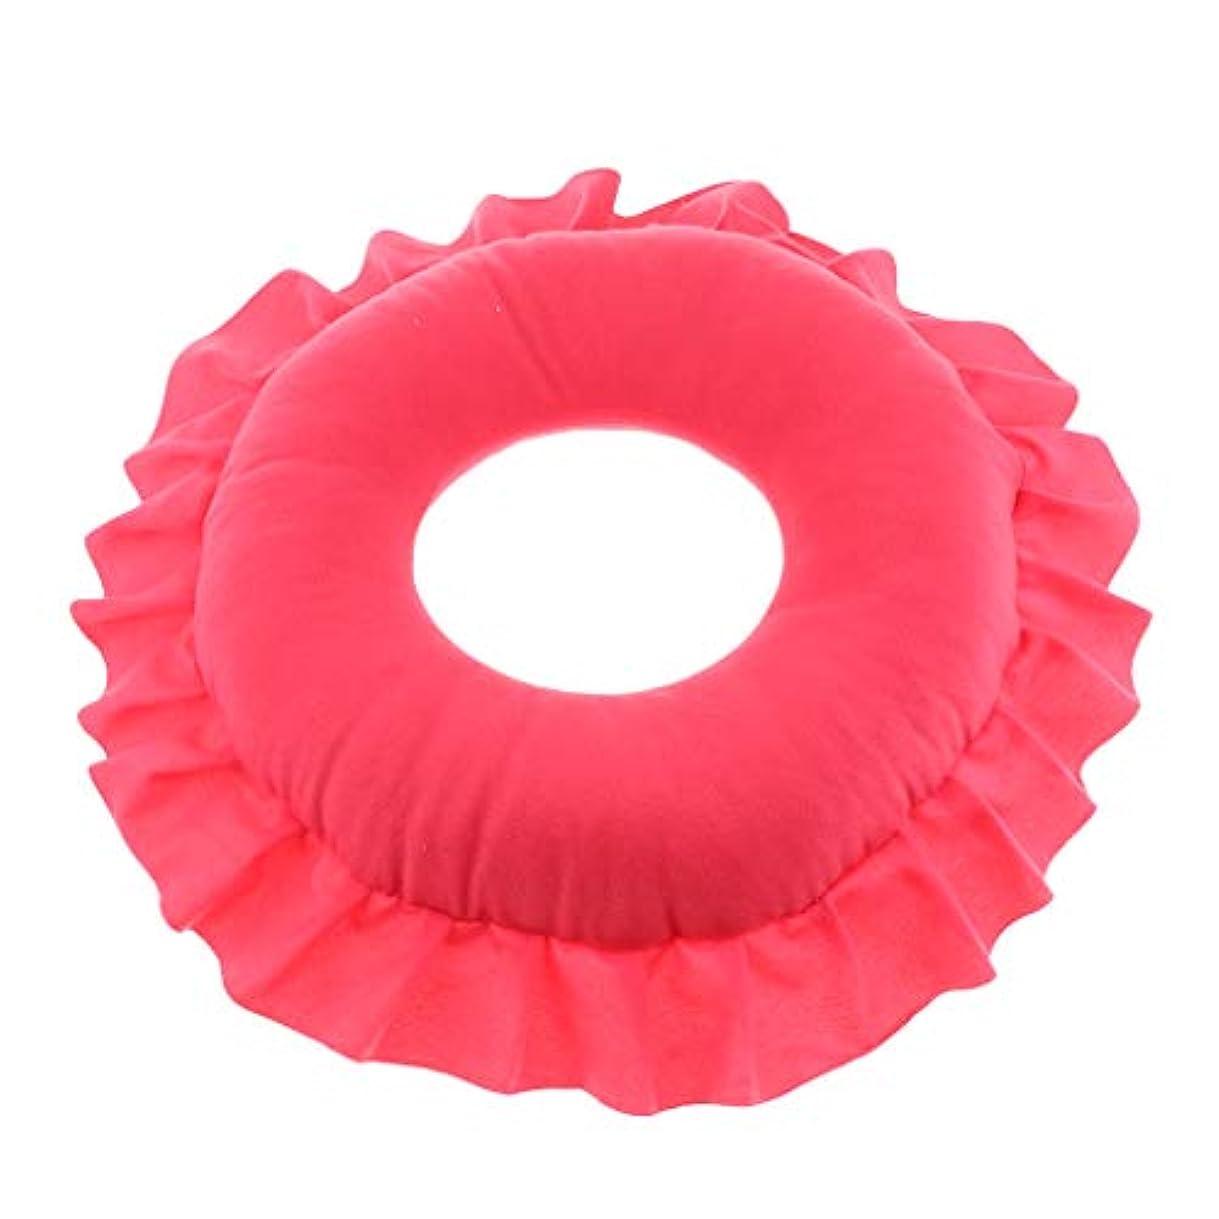 シード信号預言者全4色 フェイスピロー 顔枕 マッサージピロー クッション 美容院 快適 洗える 実用的 - 赤